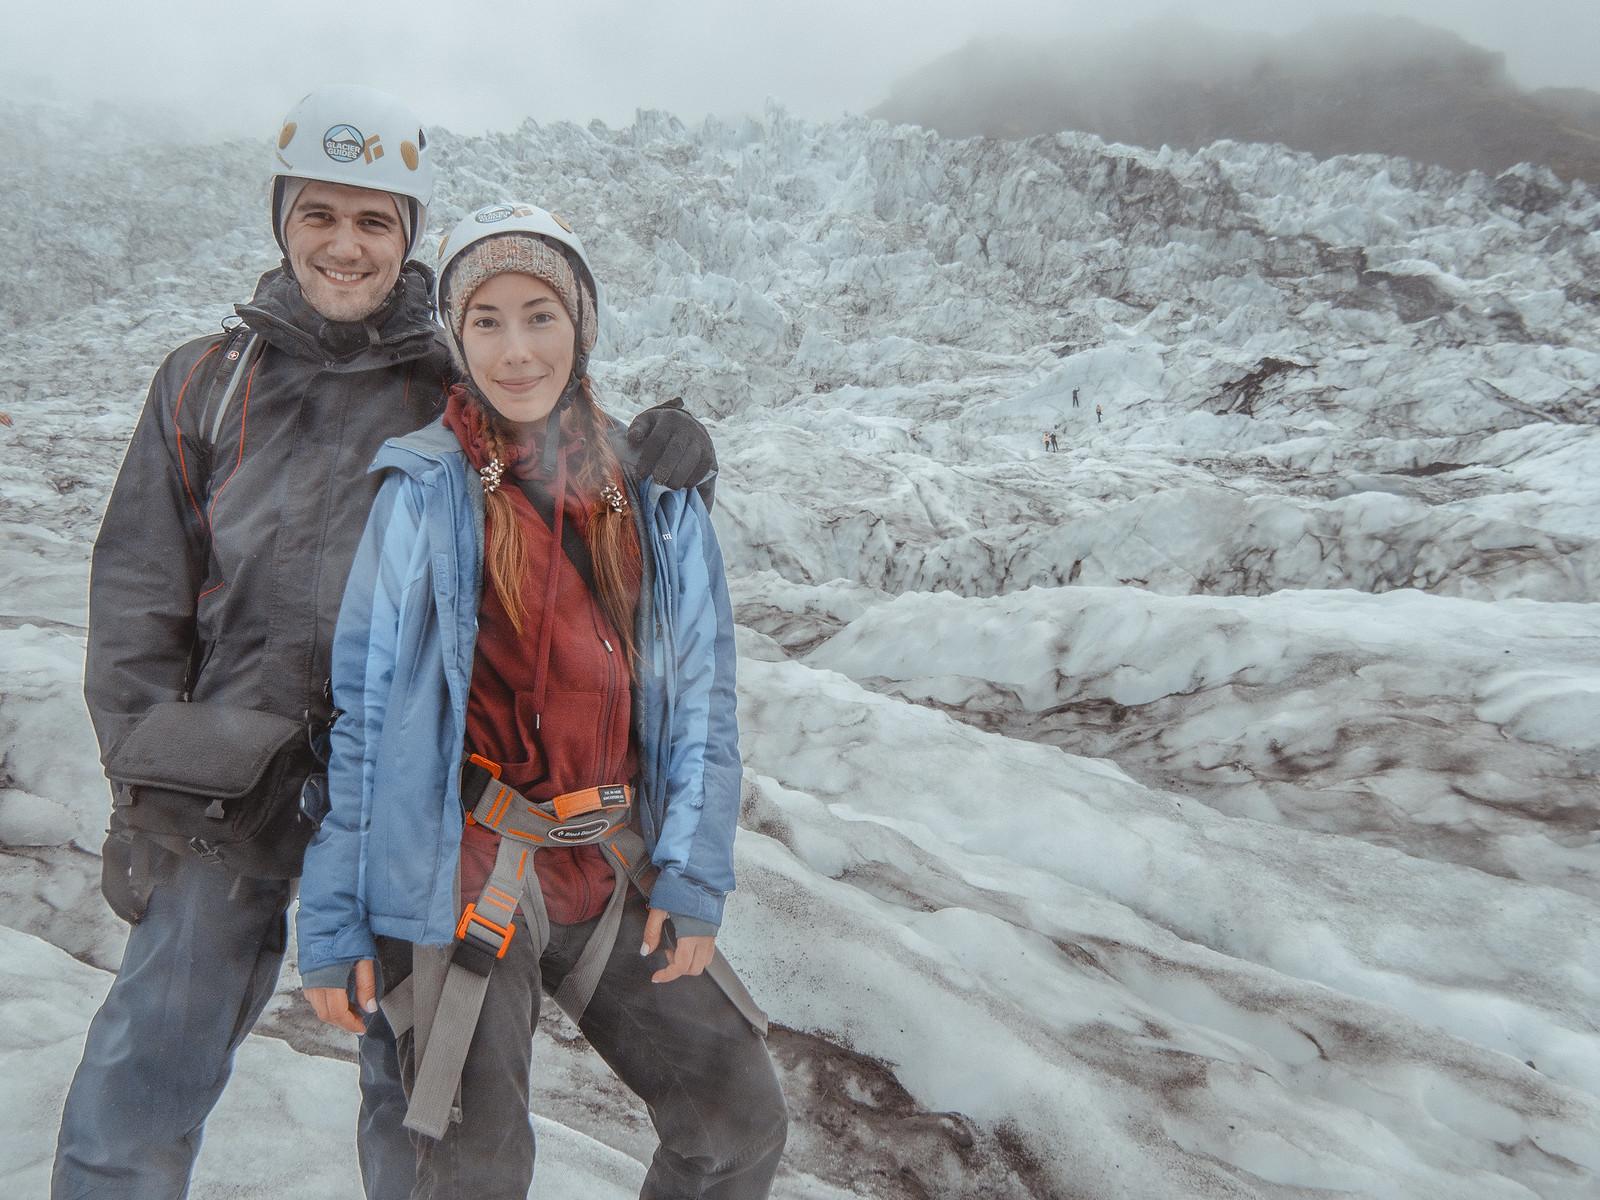 We're on glacier